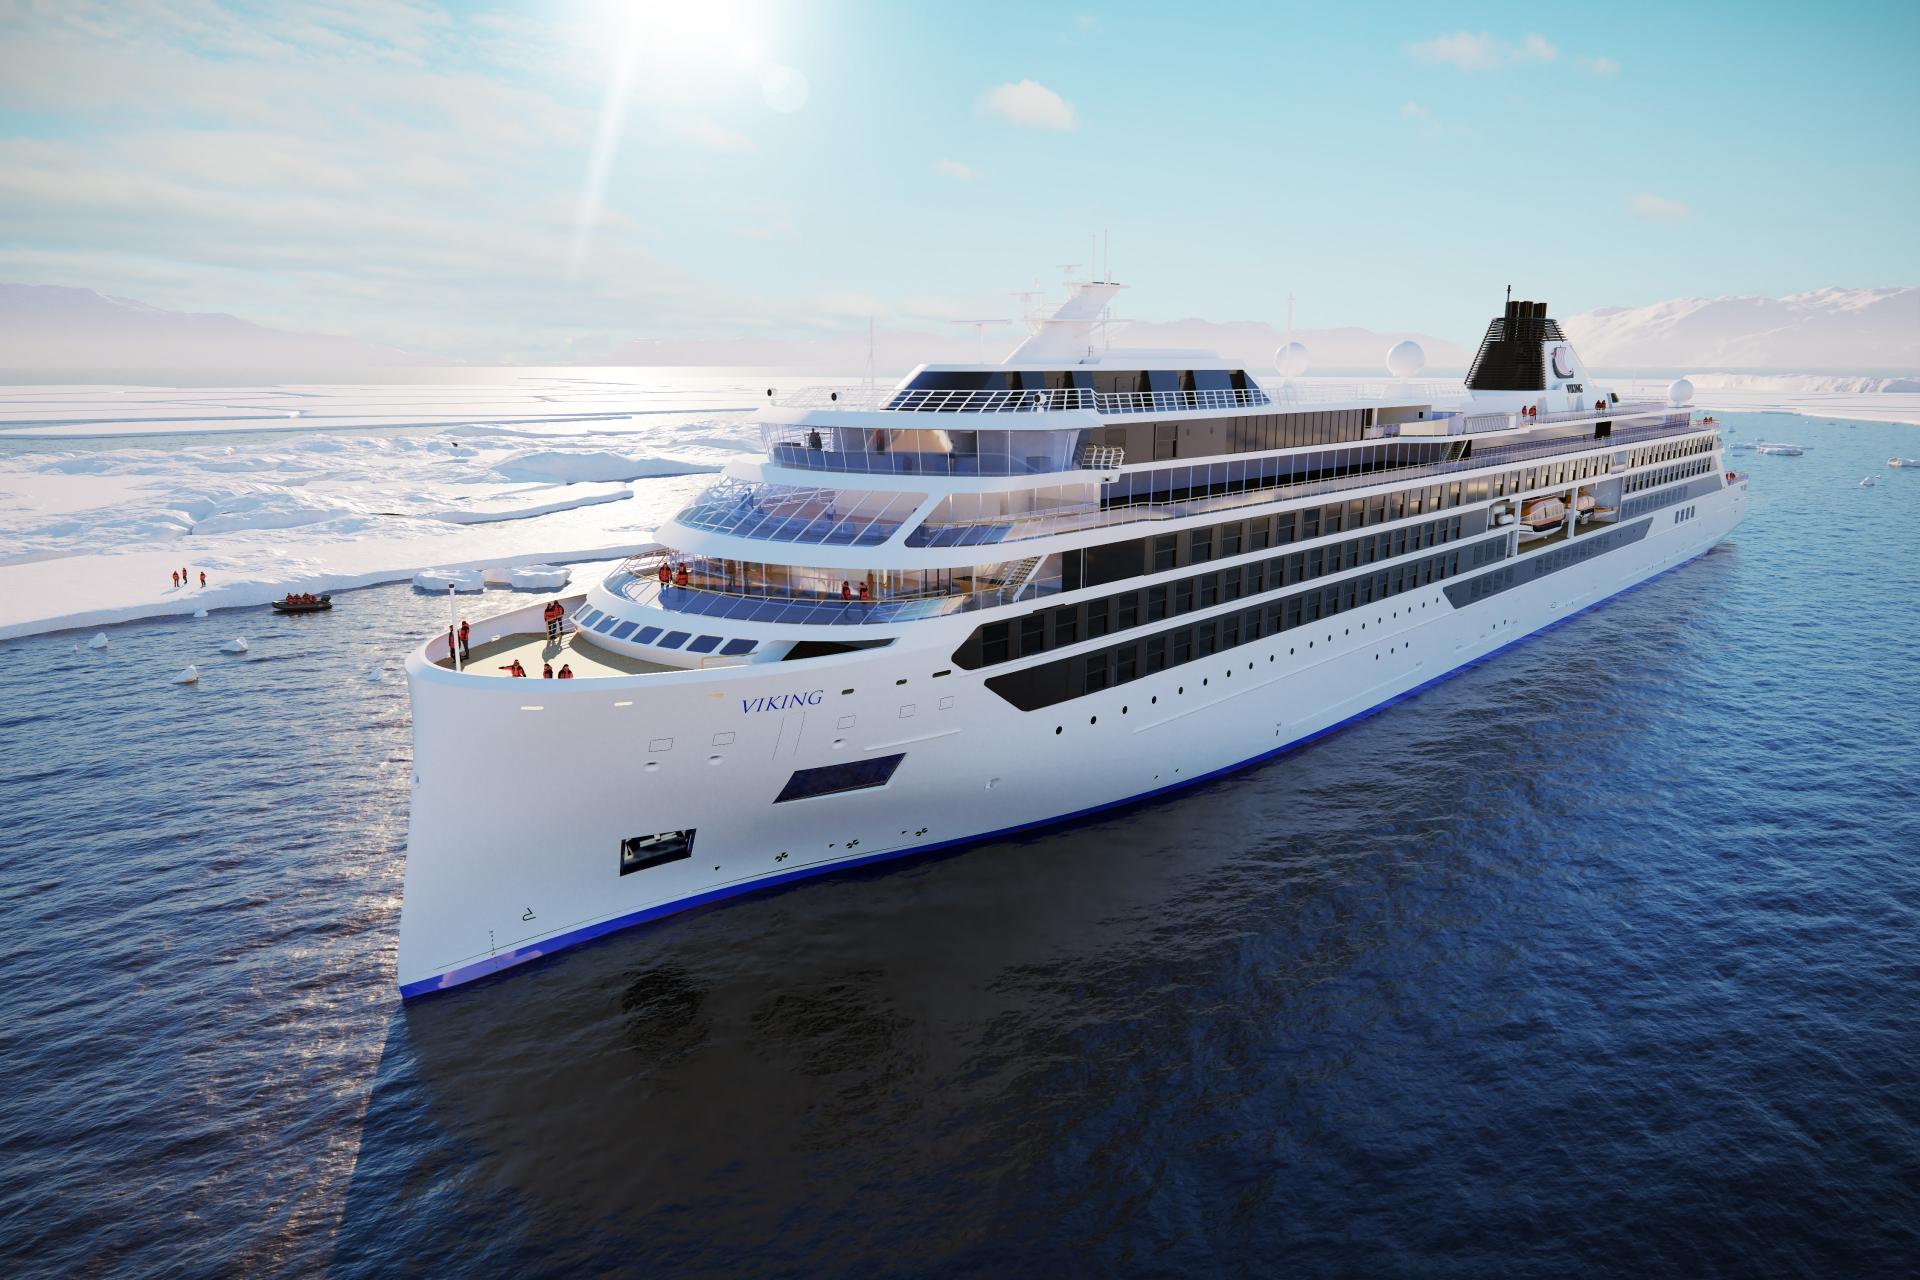 Schiffsreisenportal-Kreuzfahrten-Schiffsreisen-Weltreisen_Plantours-Flussschiff-Viking_Expedition_The_Bow_RND